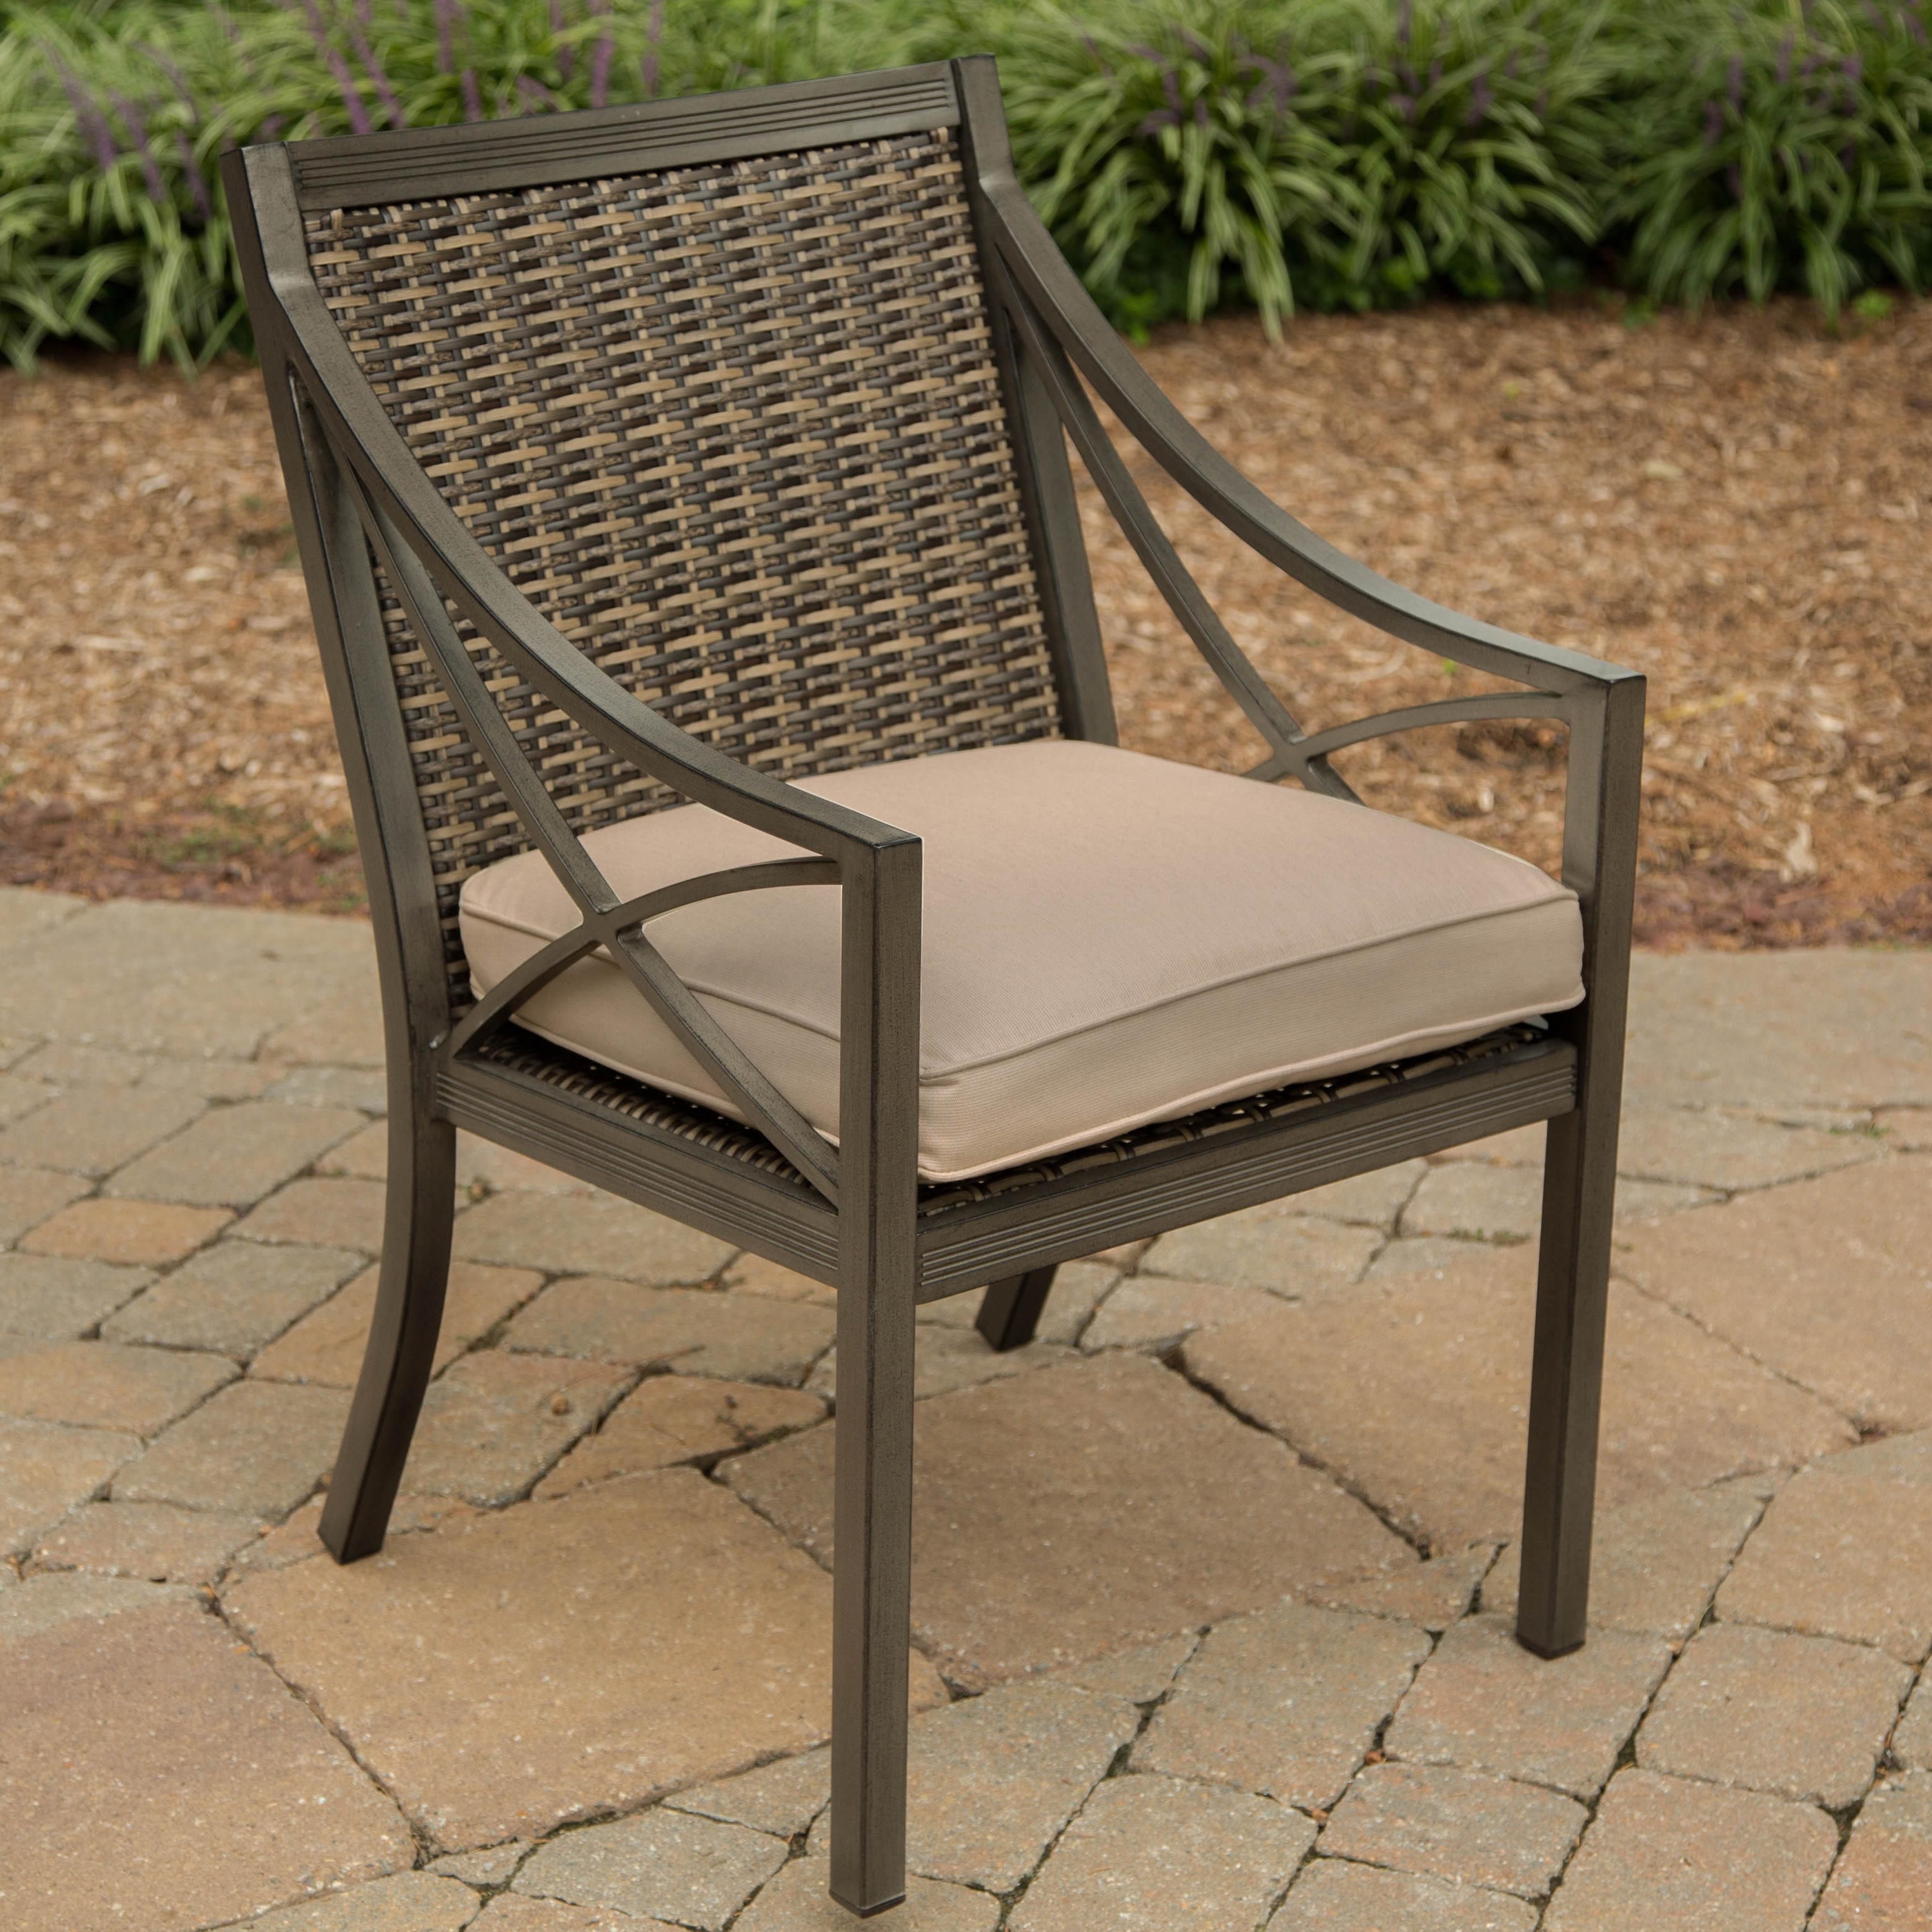 Woven metal furniture Rocker Alfresco Davenport Aluminum Woven Metal Dining Chair Beautiful Mess Alfresco Davenport Aluminum Woven Metal Dining Chair Belfort